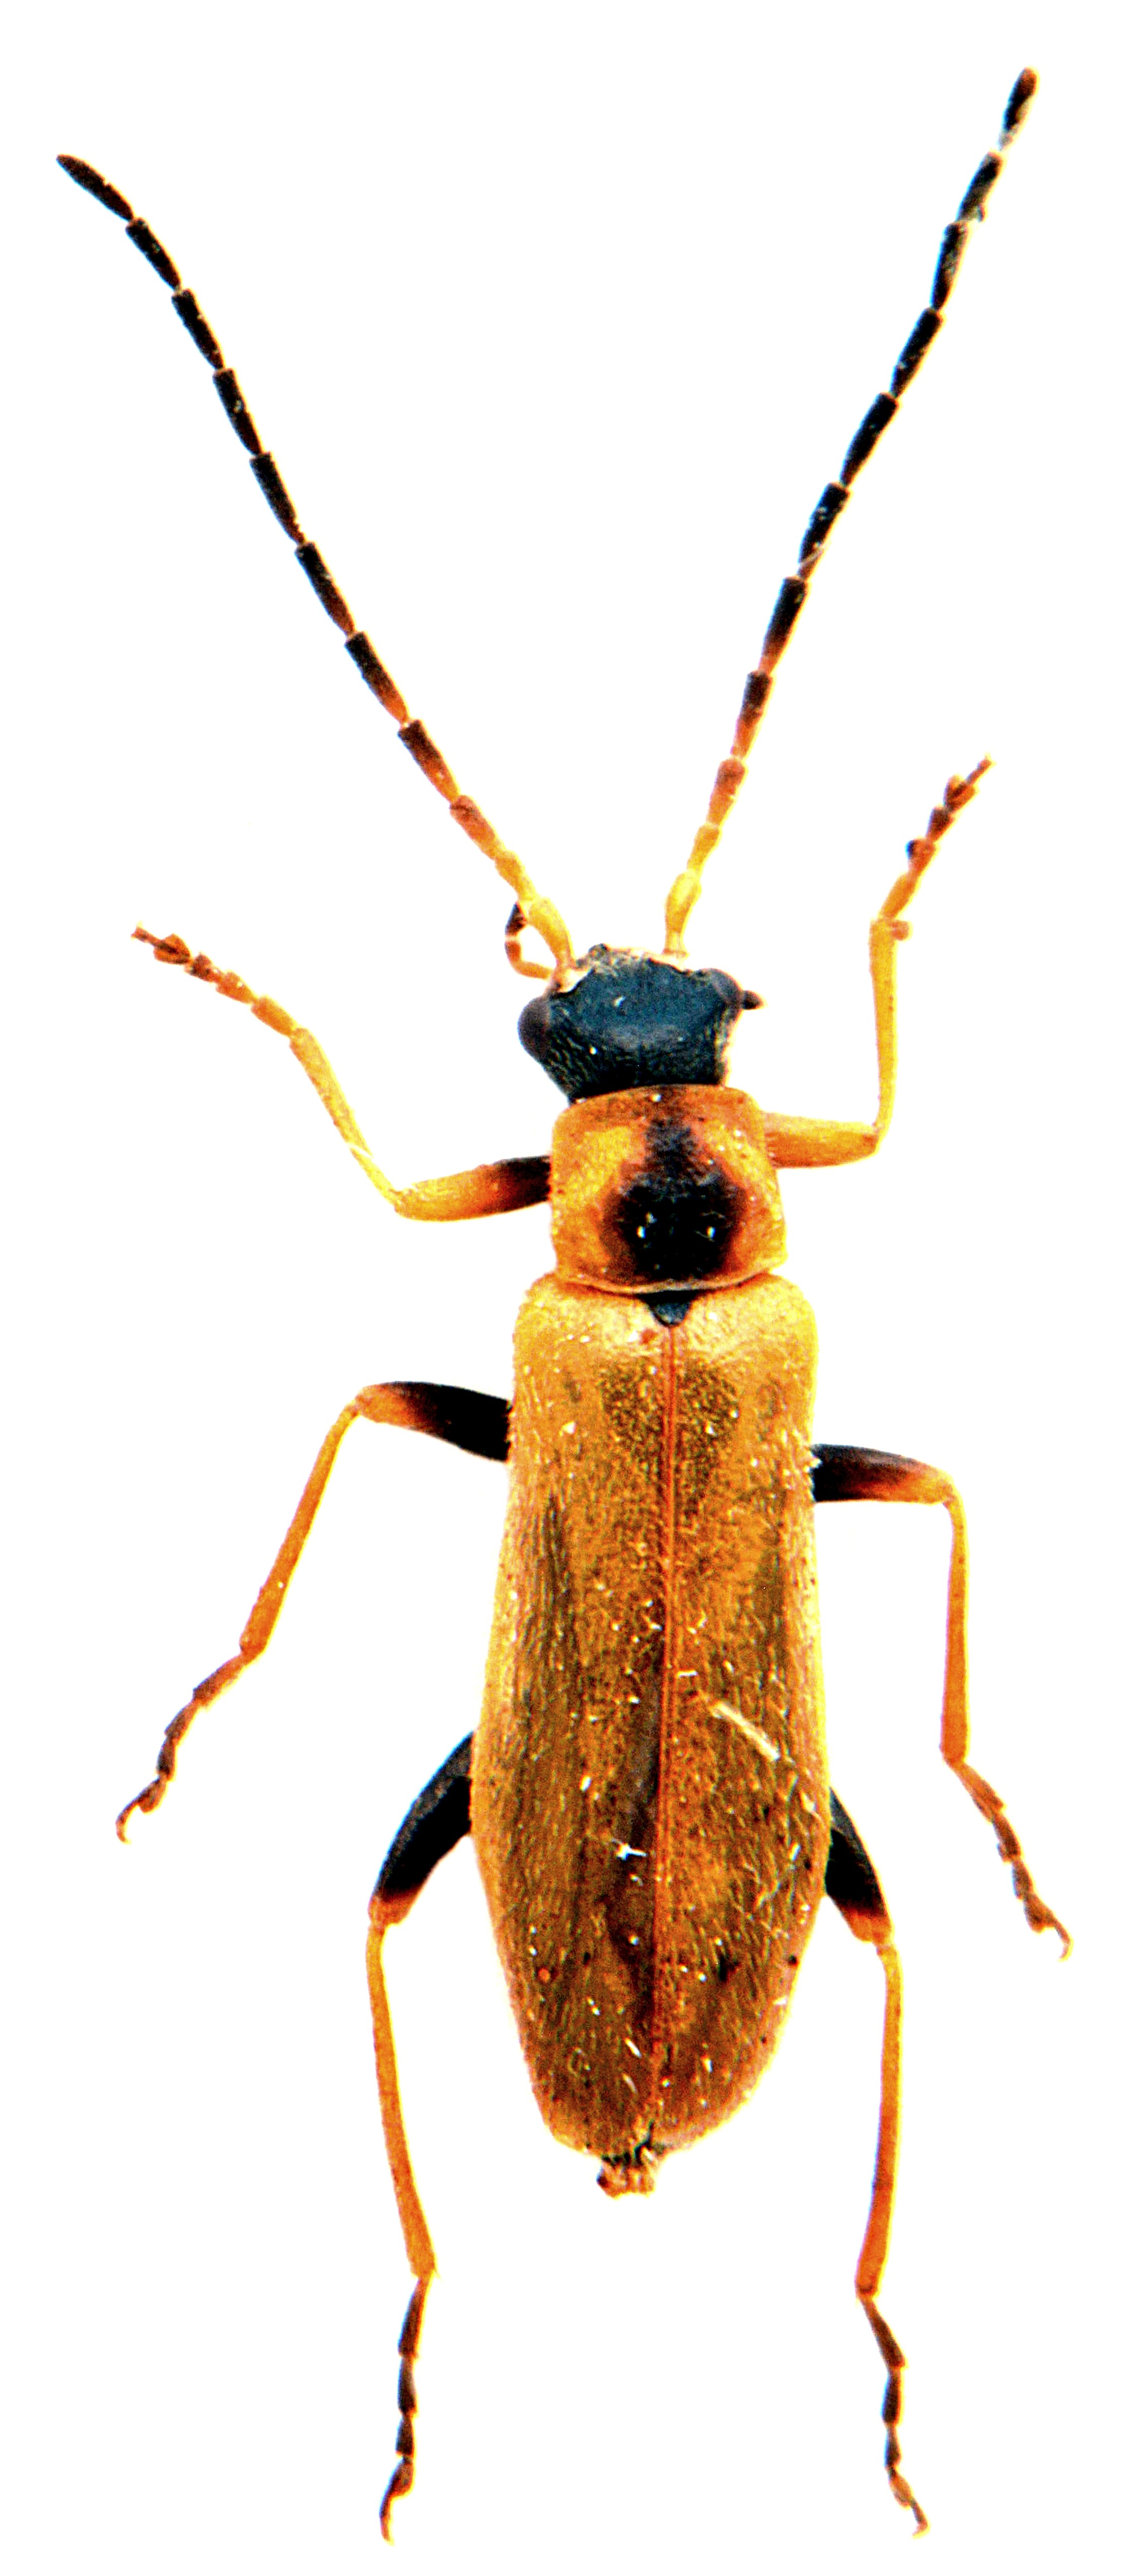 Rhagonycha nigriventris 2